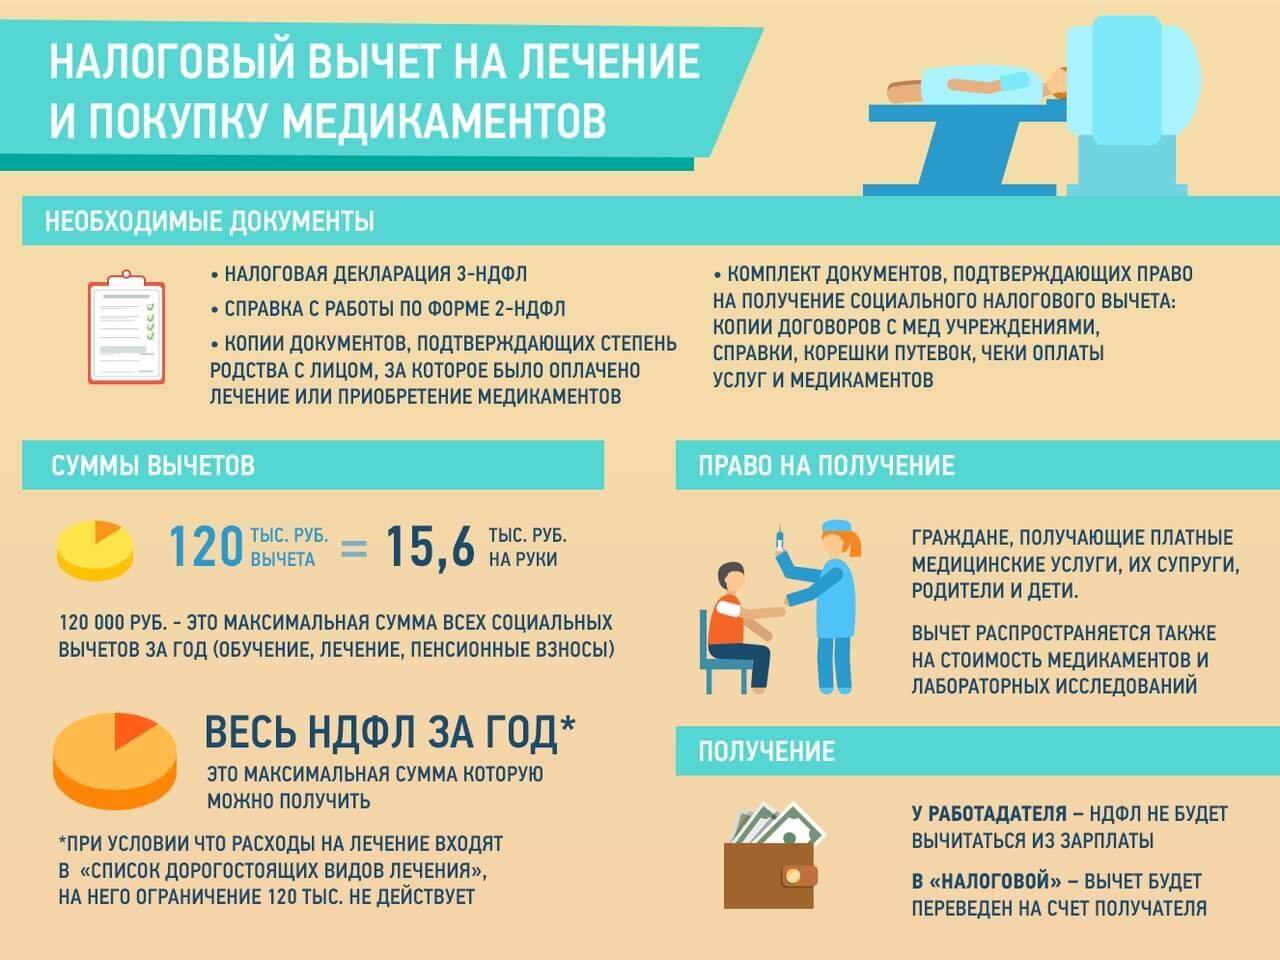 Налоговый вычет на лечение и покупку медикаментов